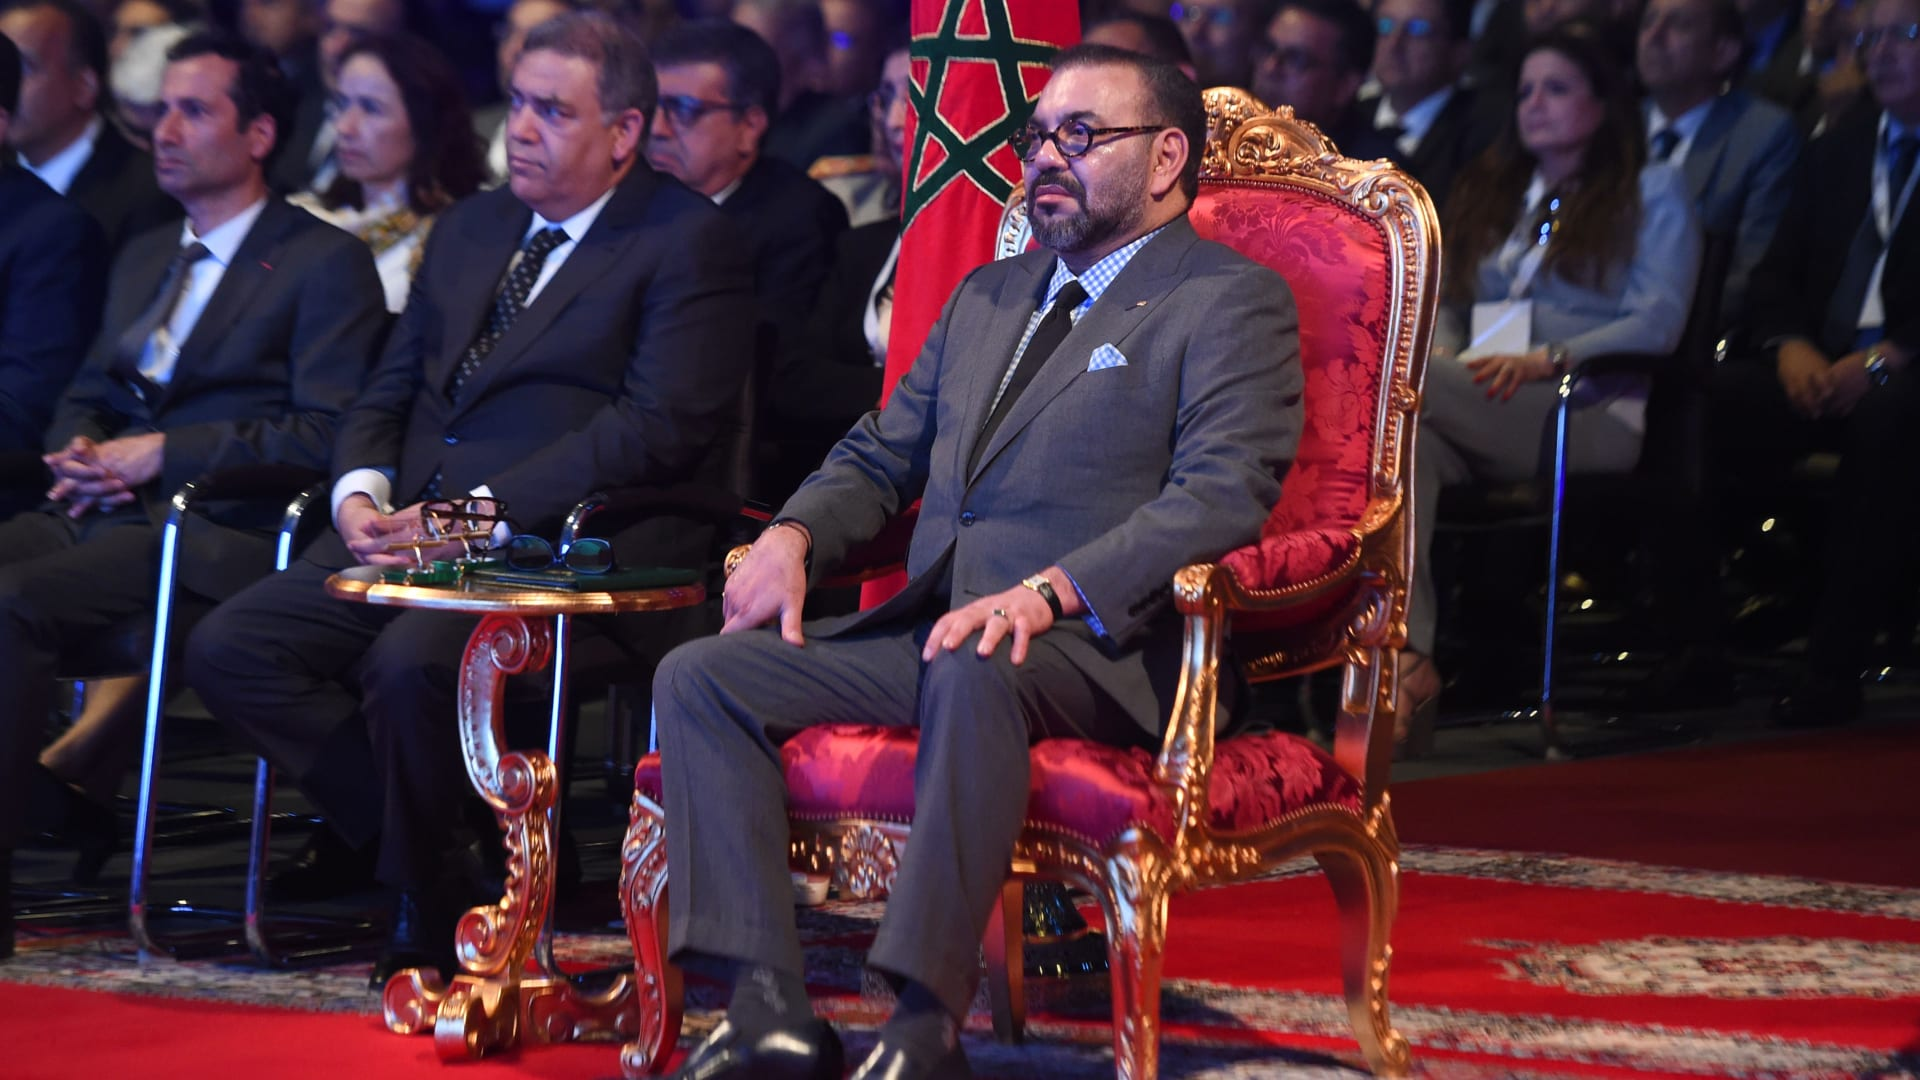 عاهل المغرب يجري مباحثات هاتفية مع رئيس الحكومة الإسرائيلية لتفعيل آليات التعاون